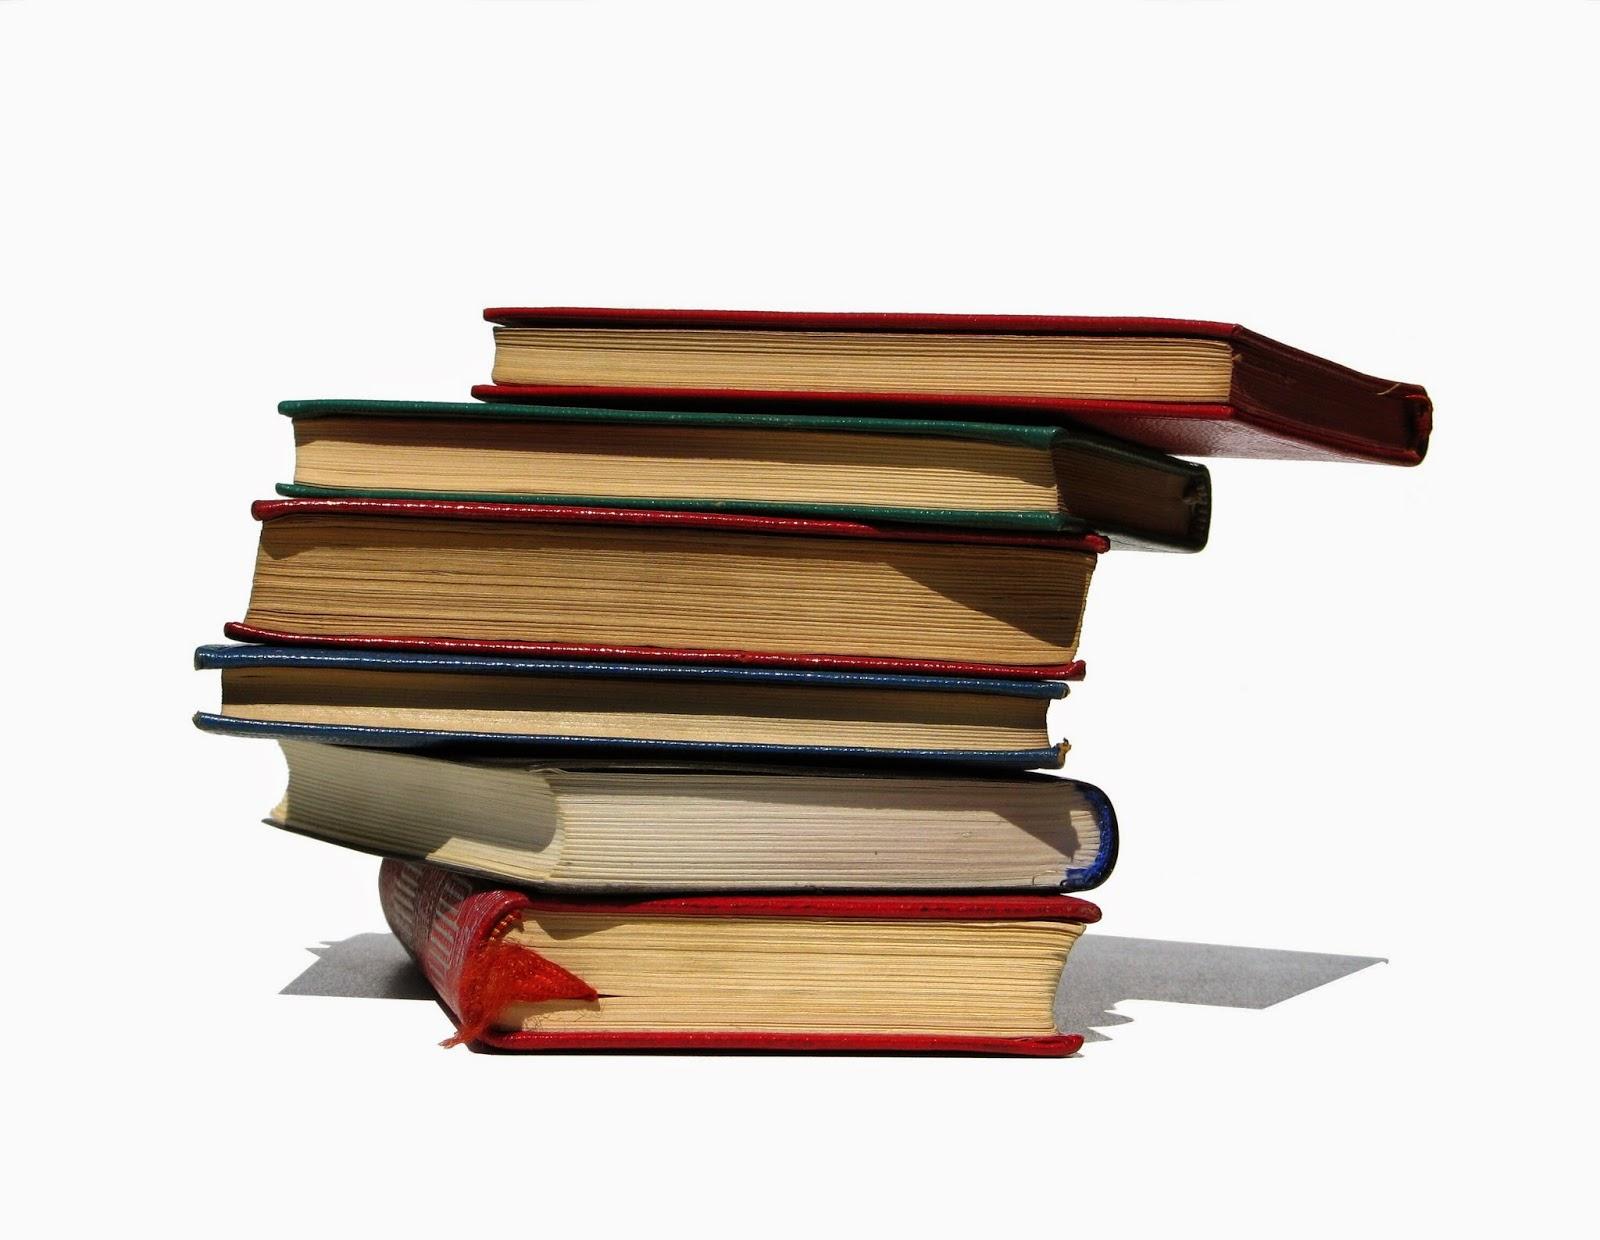 картинки с книгами для титульных листов